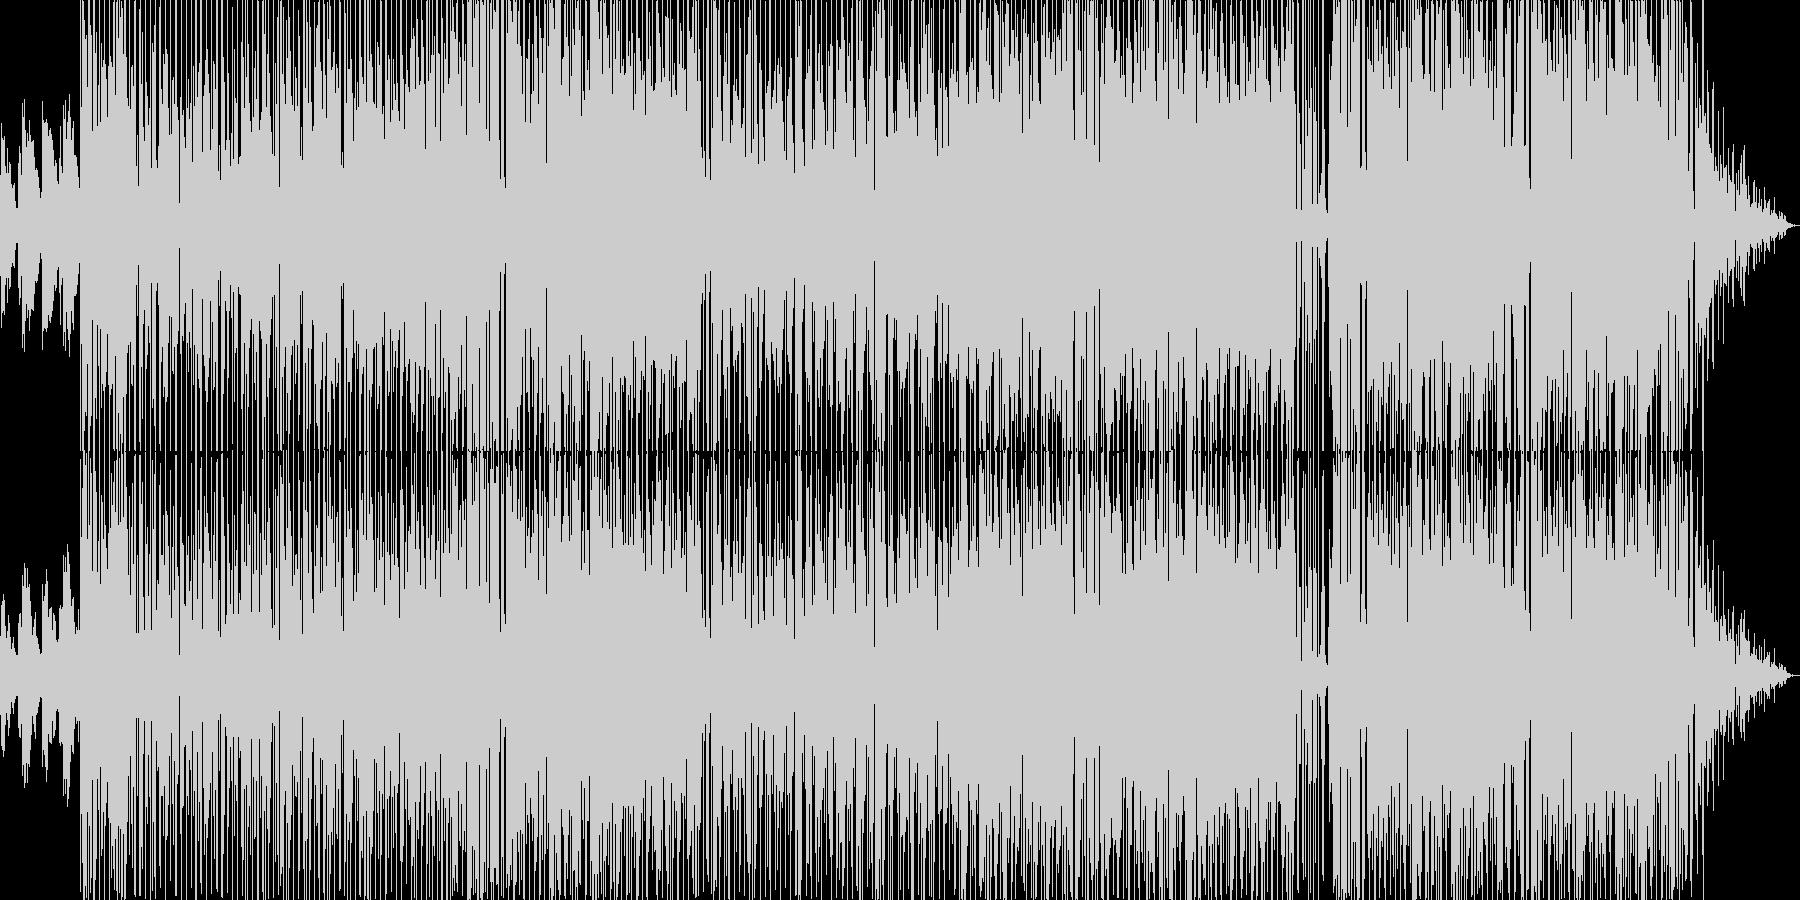 おしゃれでジャジーなJpopバラードの未再生の波形